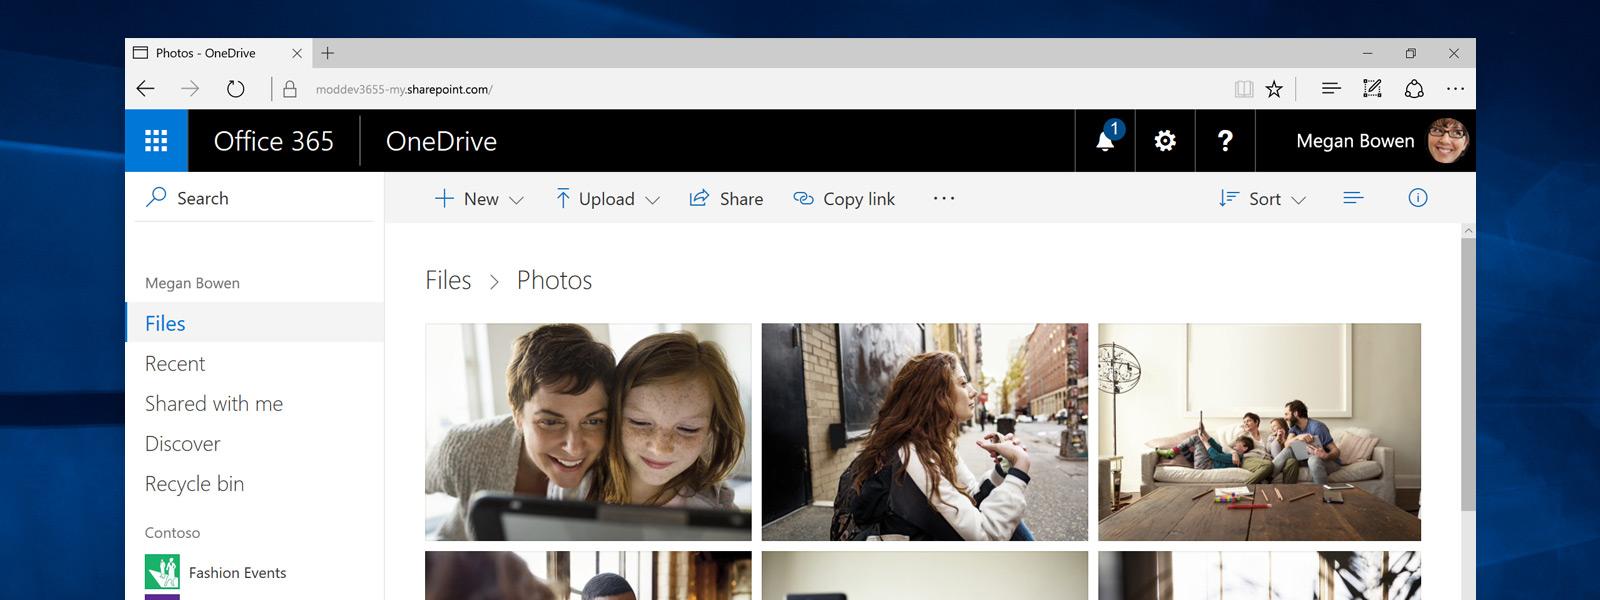 Microsoft Edge-Browser mit gespeicherten Fotos in geöffnetem OneDrive